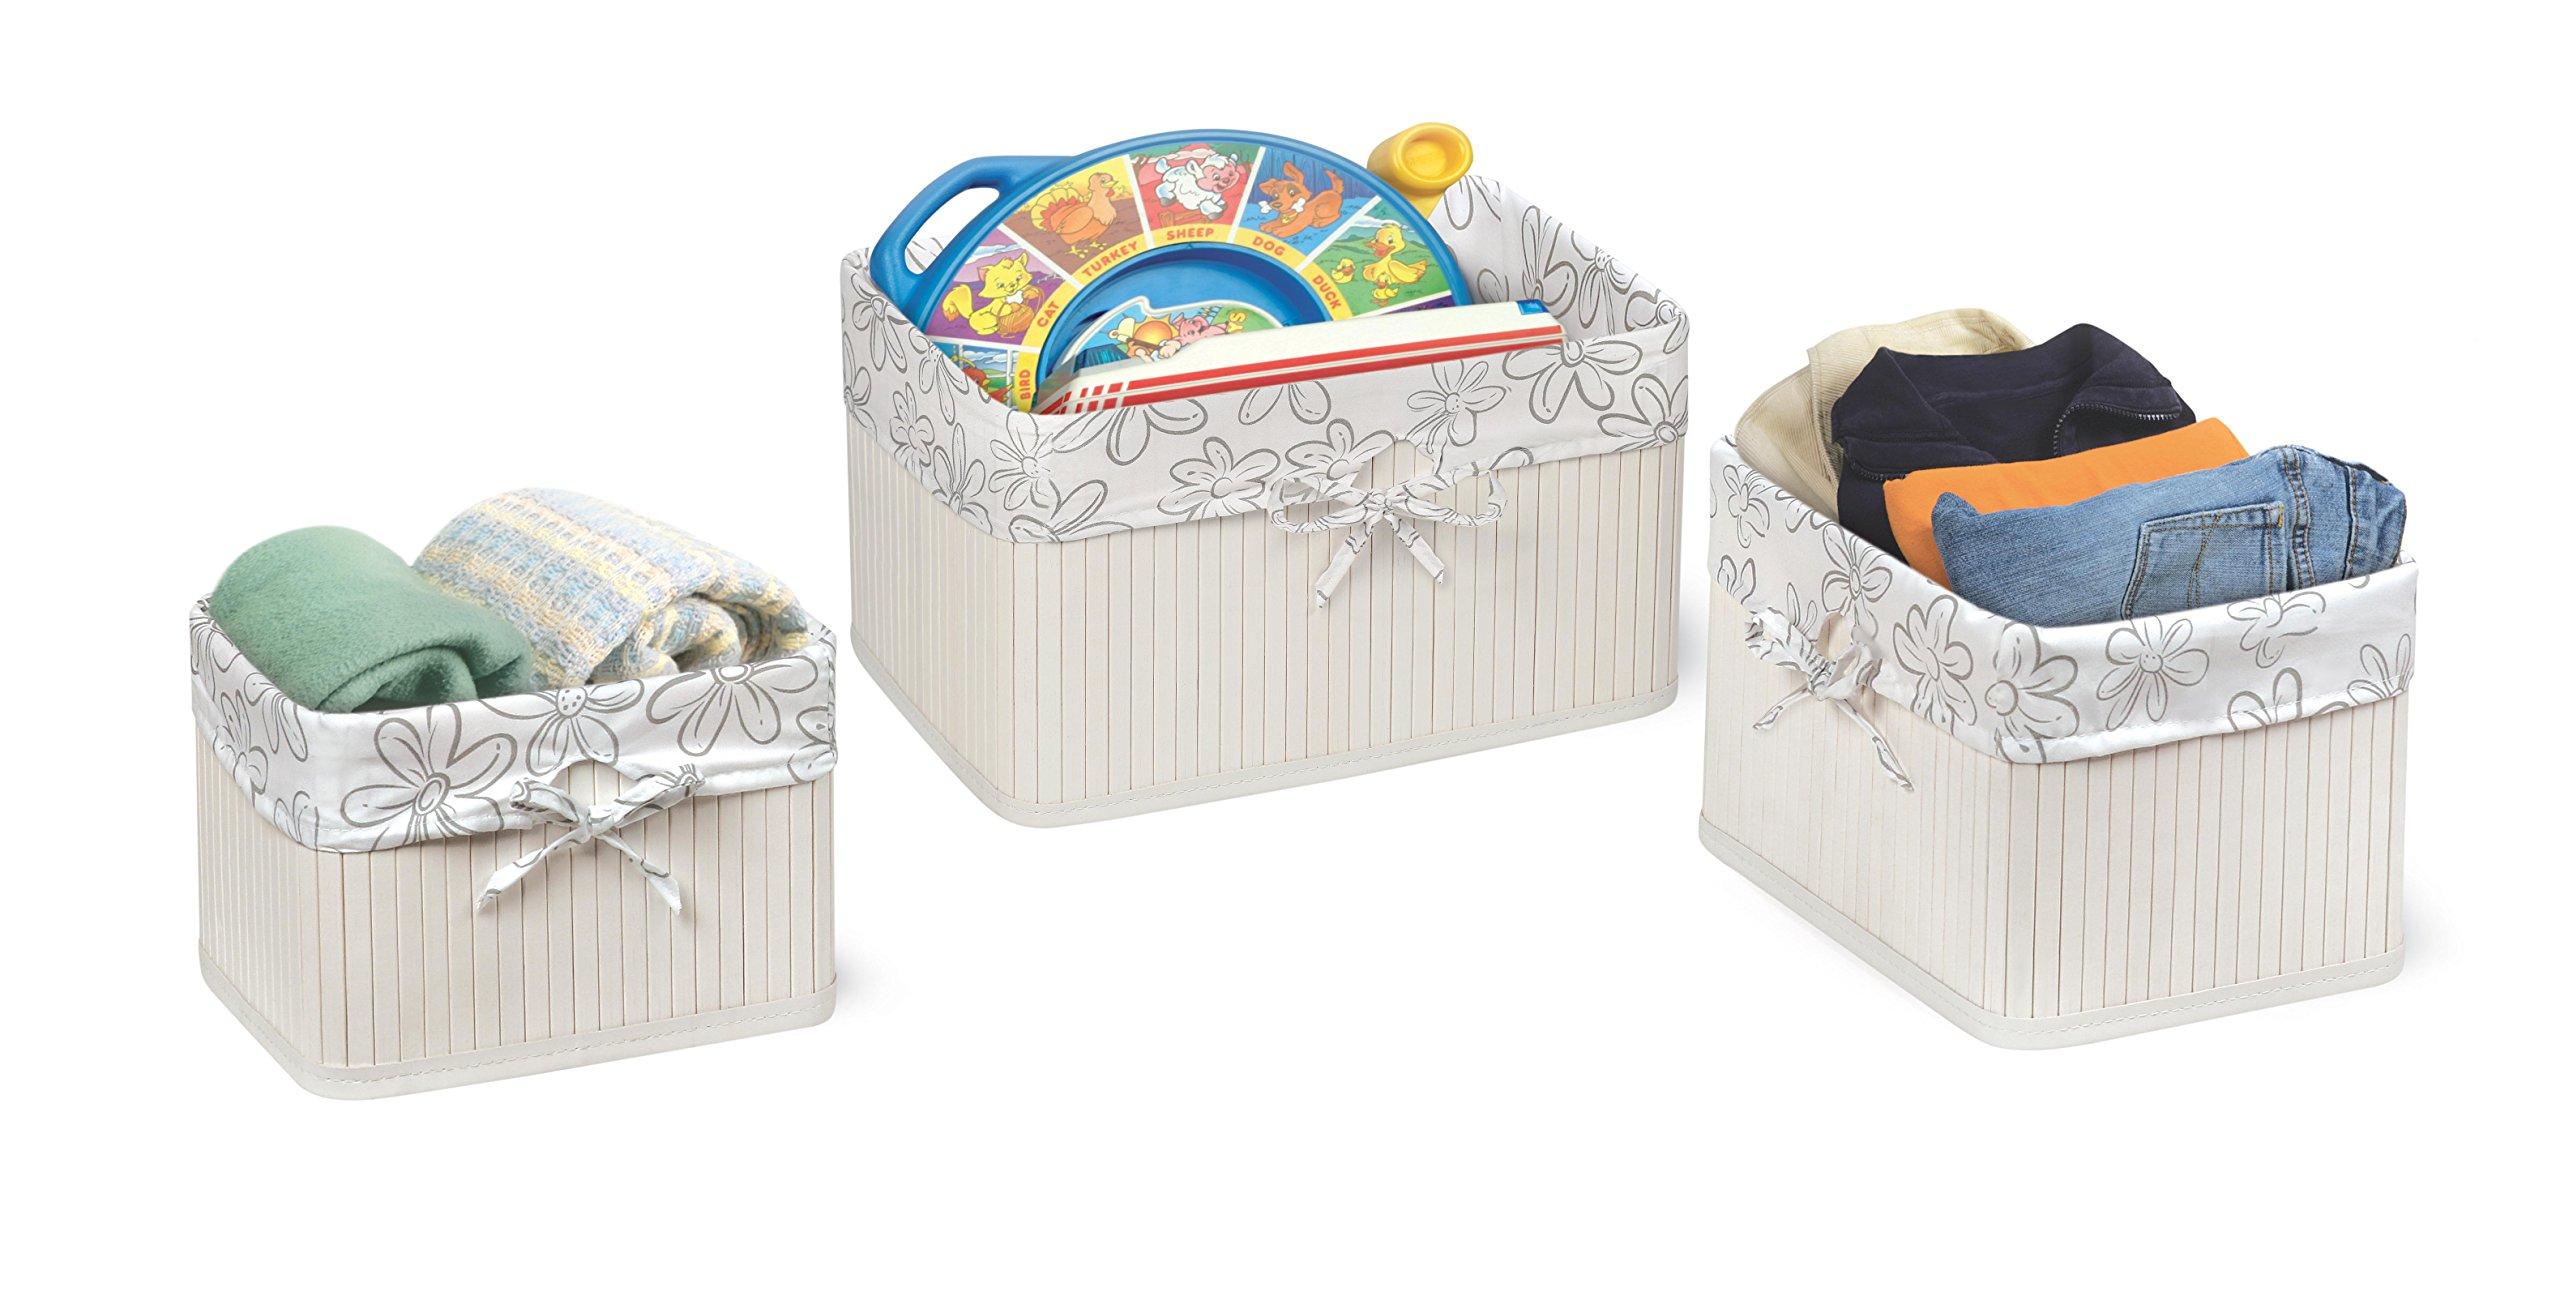 Badger Basket Claremont Three Basket Set, White by Badger Basket (Image #1)